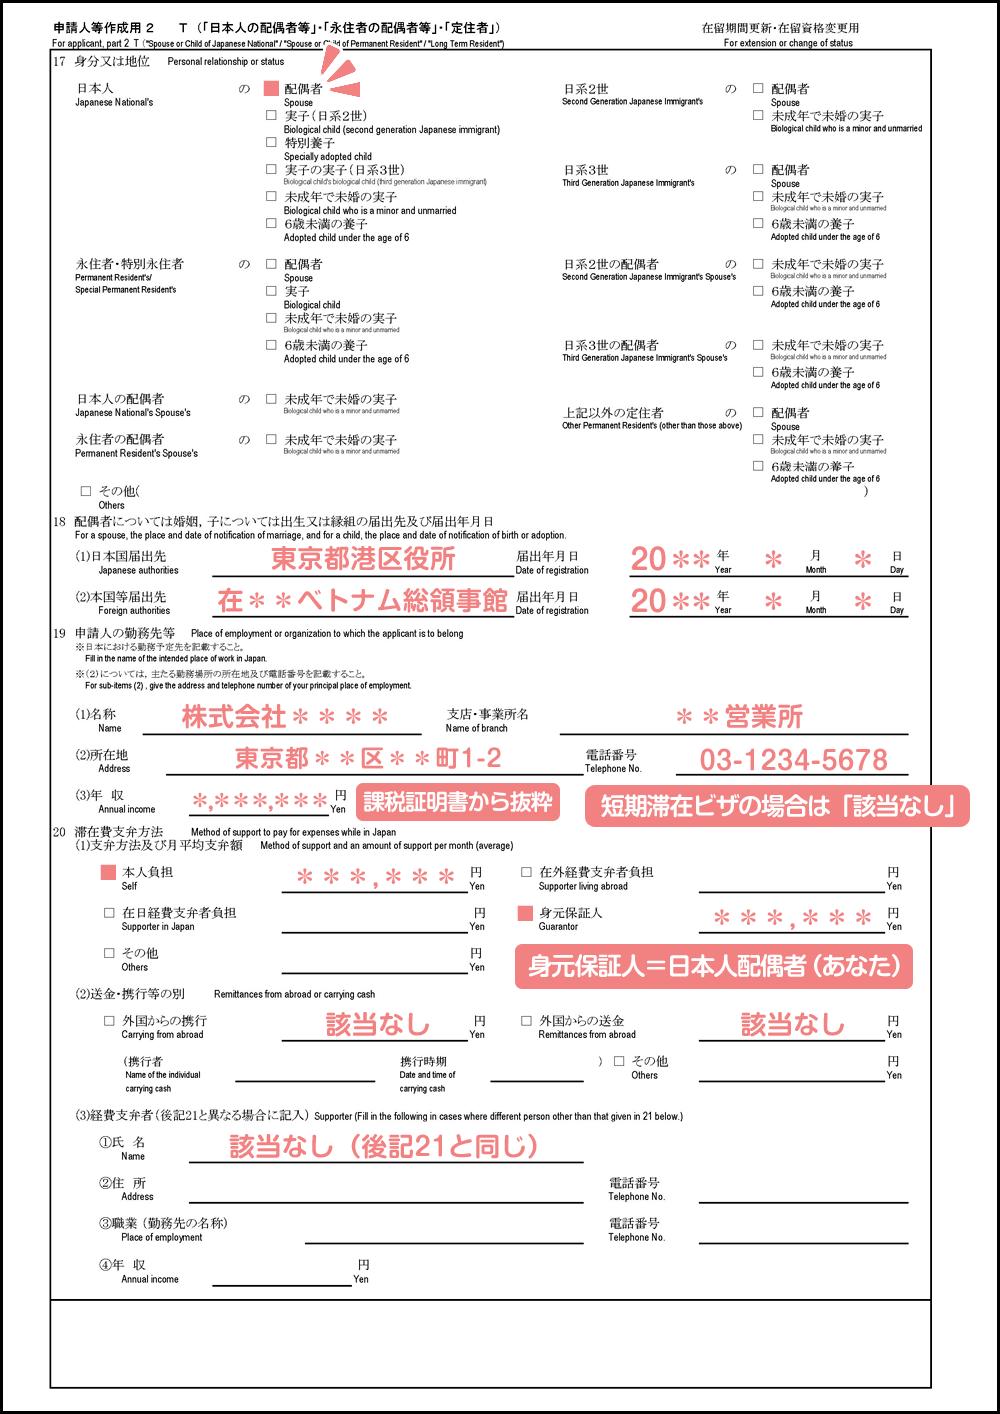 配偶者ビザ申請の在留資格変更許可申請書_2枚目